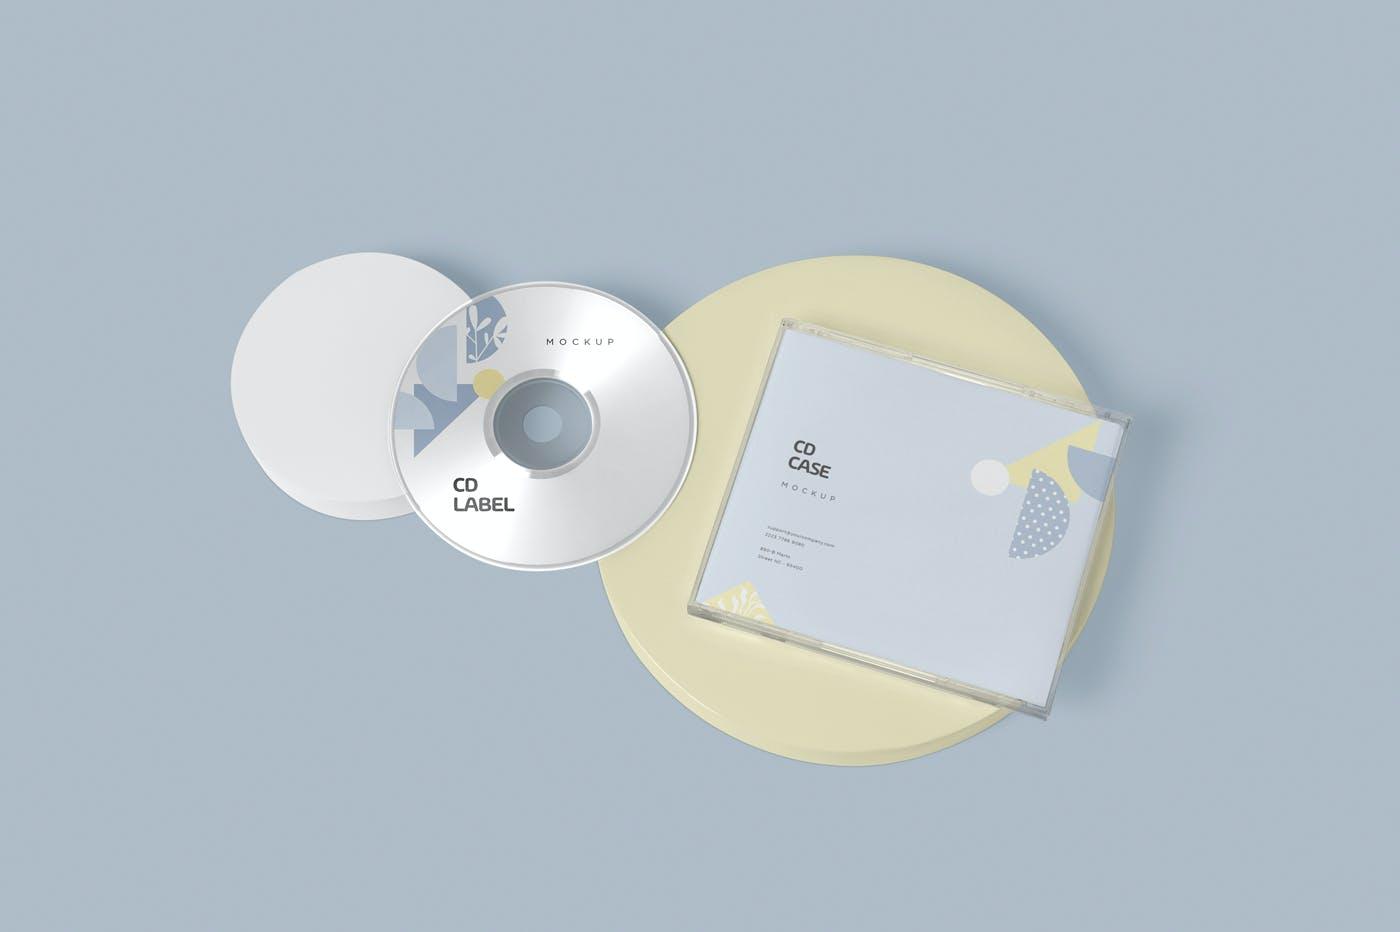 古典音乐CD标签和包装盒样机模版素材9GZQ7EC插图(3)